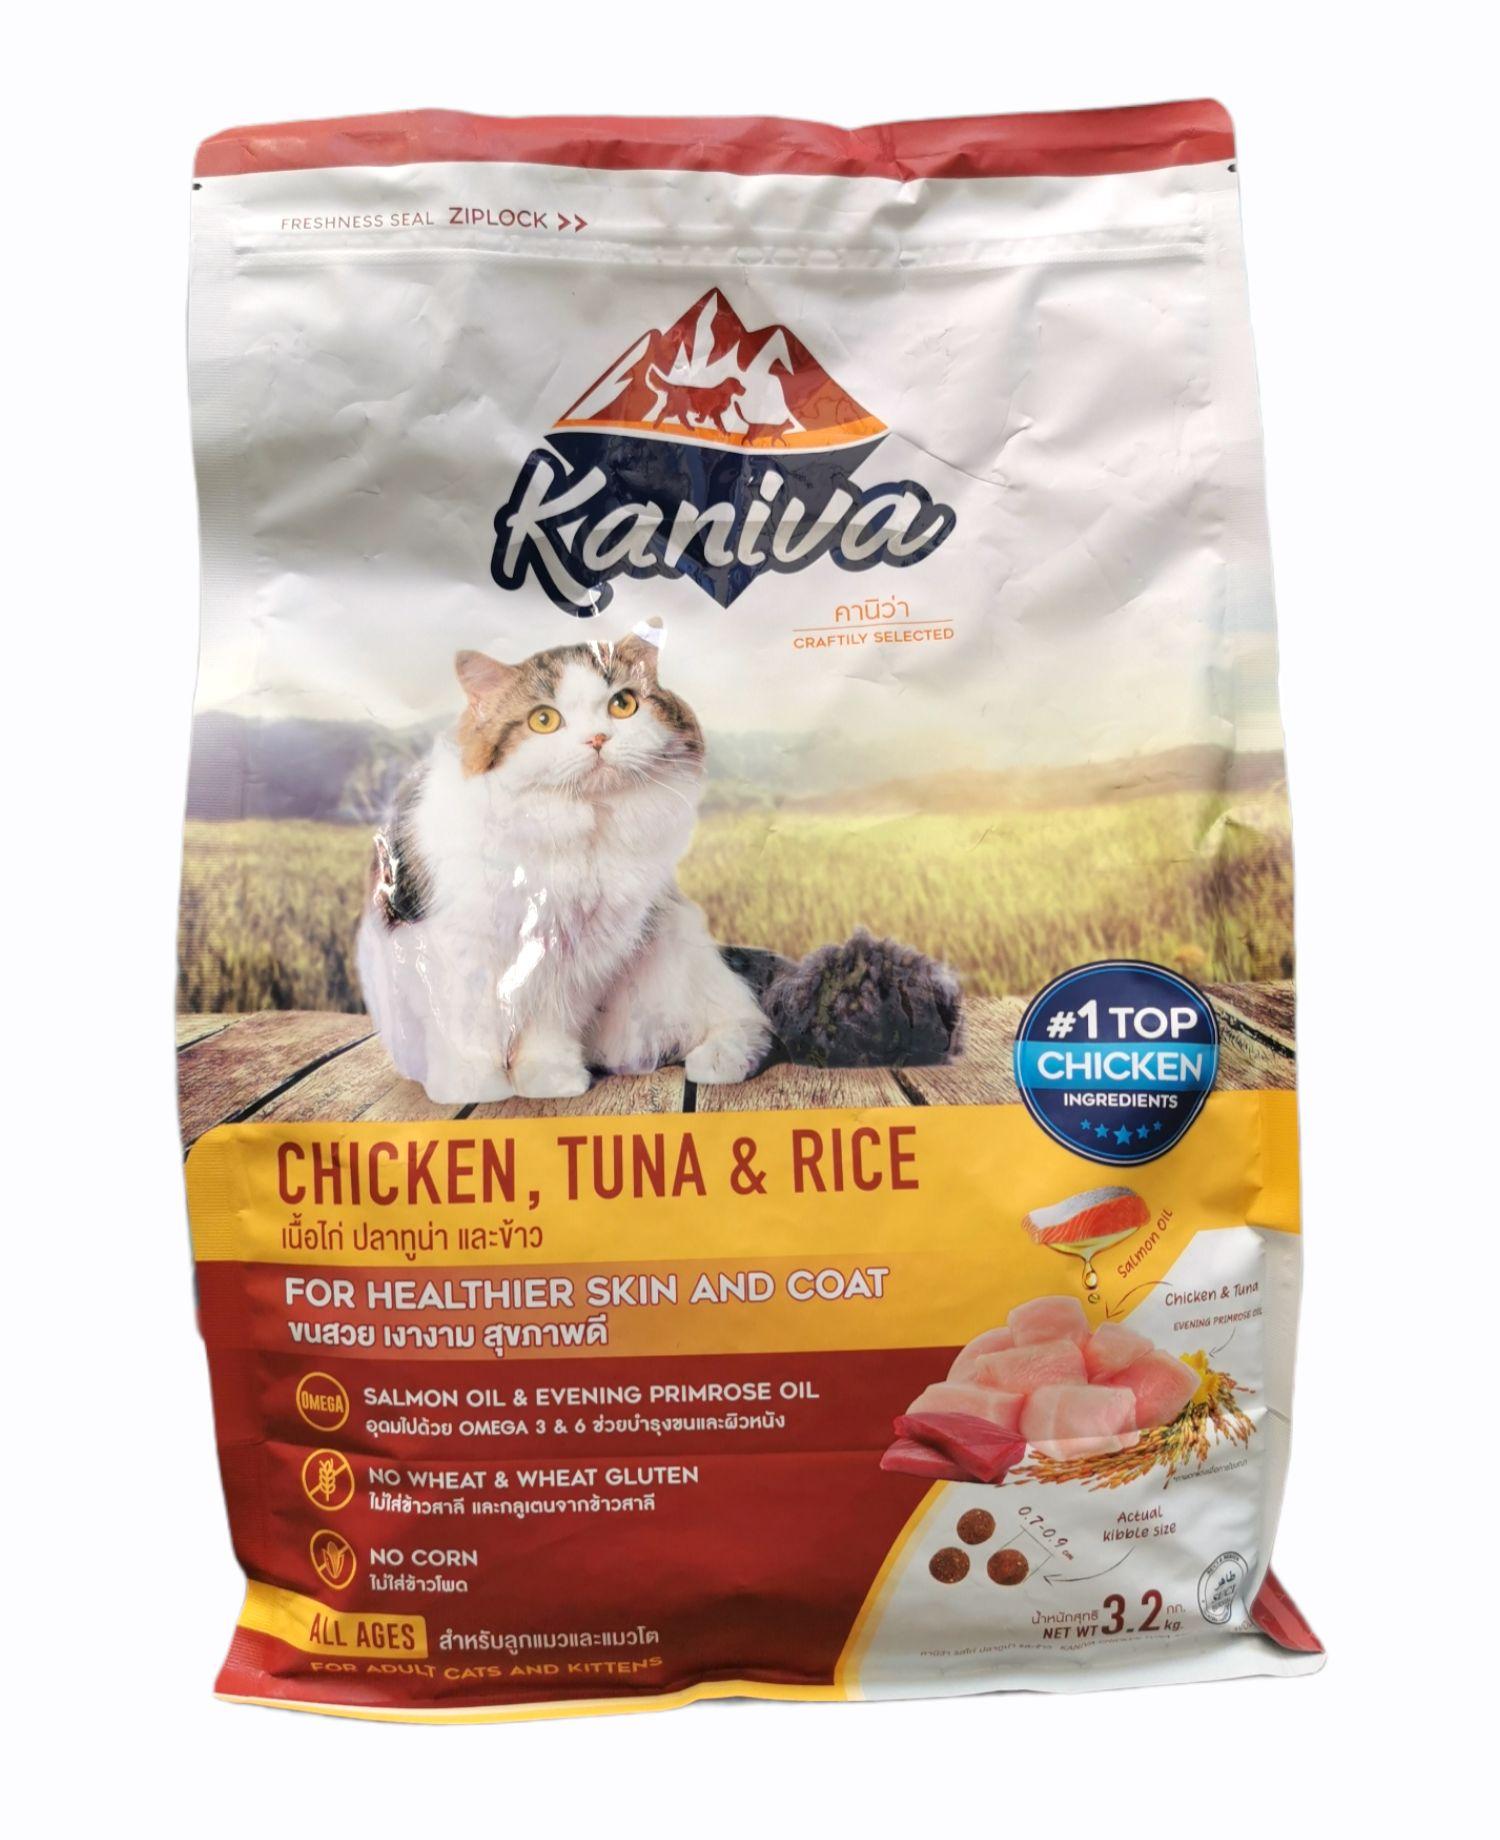 Kaniva Cat 3.2kg.อาหารแมว สูตรเนื้อไก่ ปลาทูน่าและข้าว บำรุงผิวหนังและขน สำหรับแมวทุกช่วงวัย.